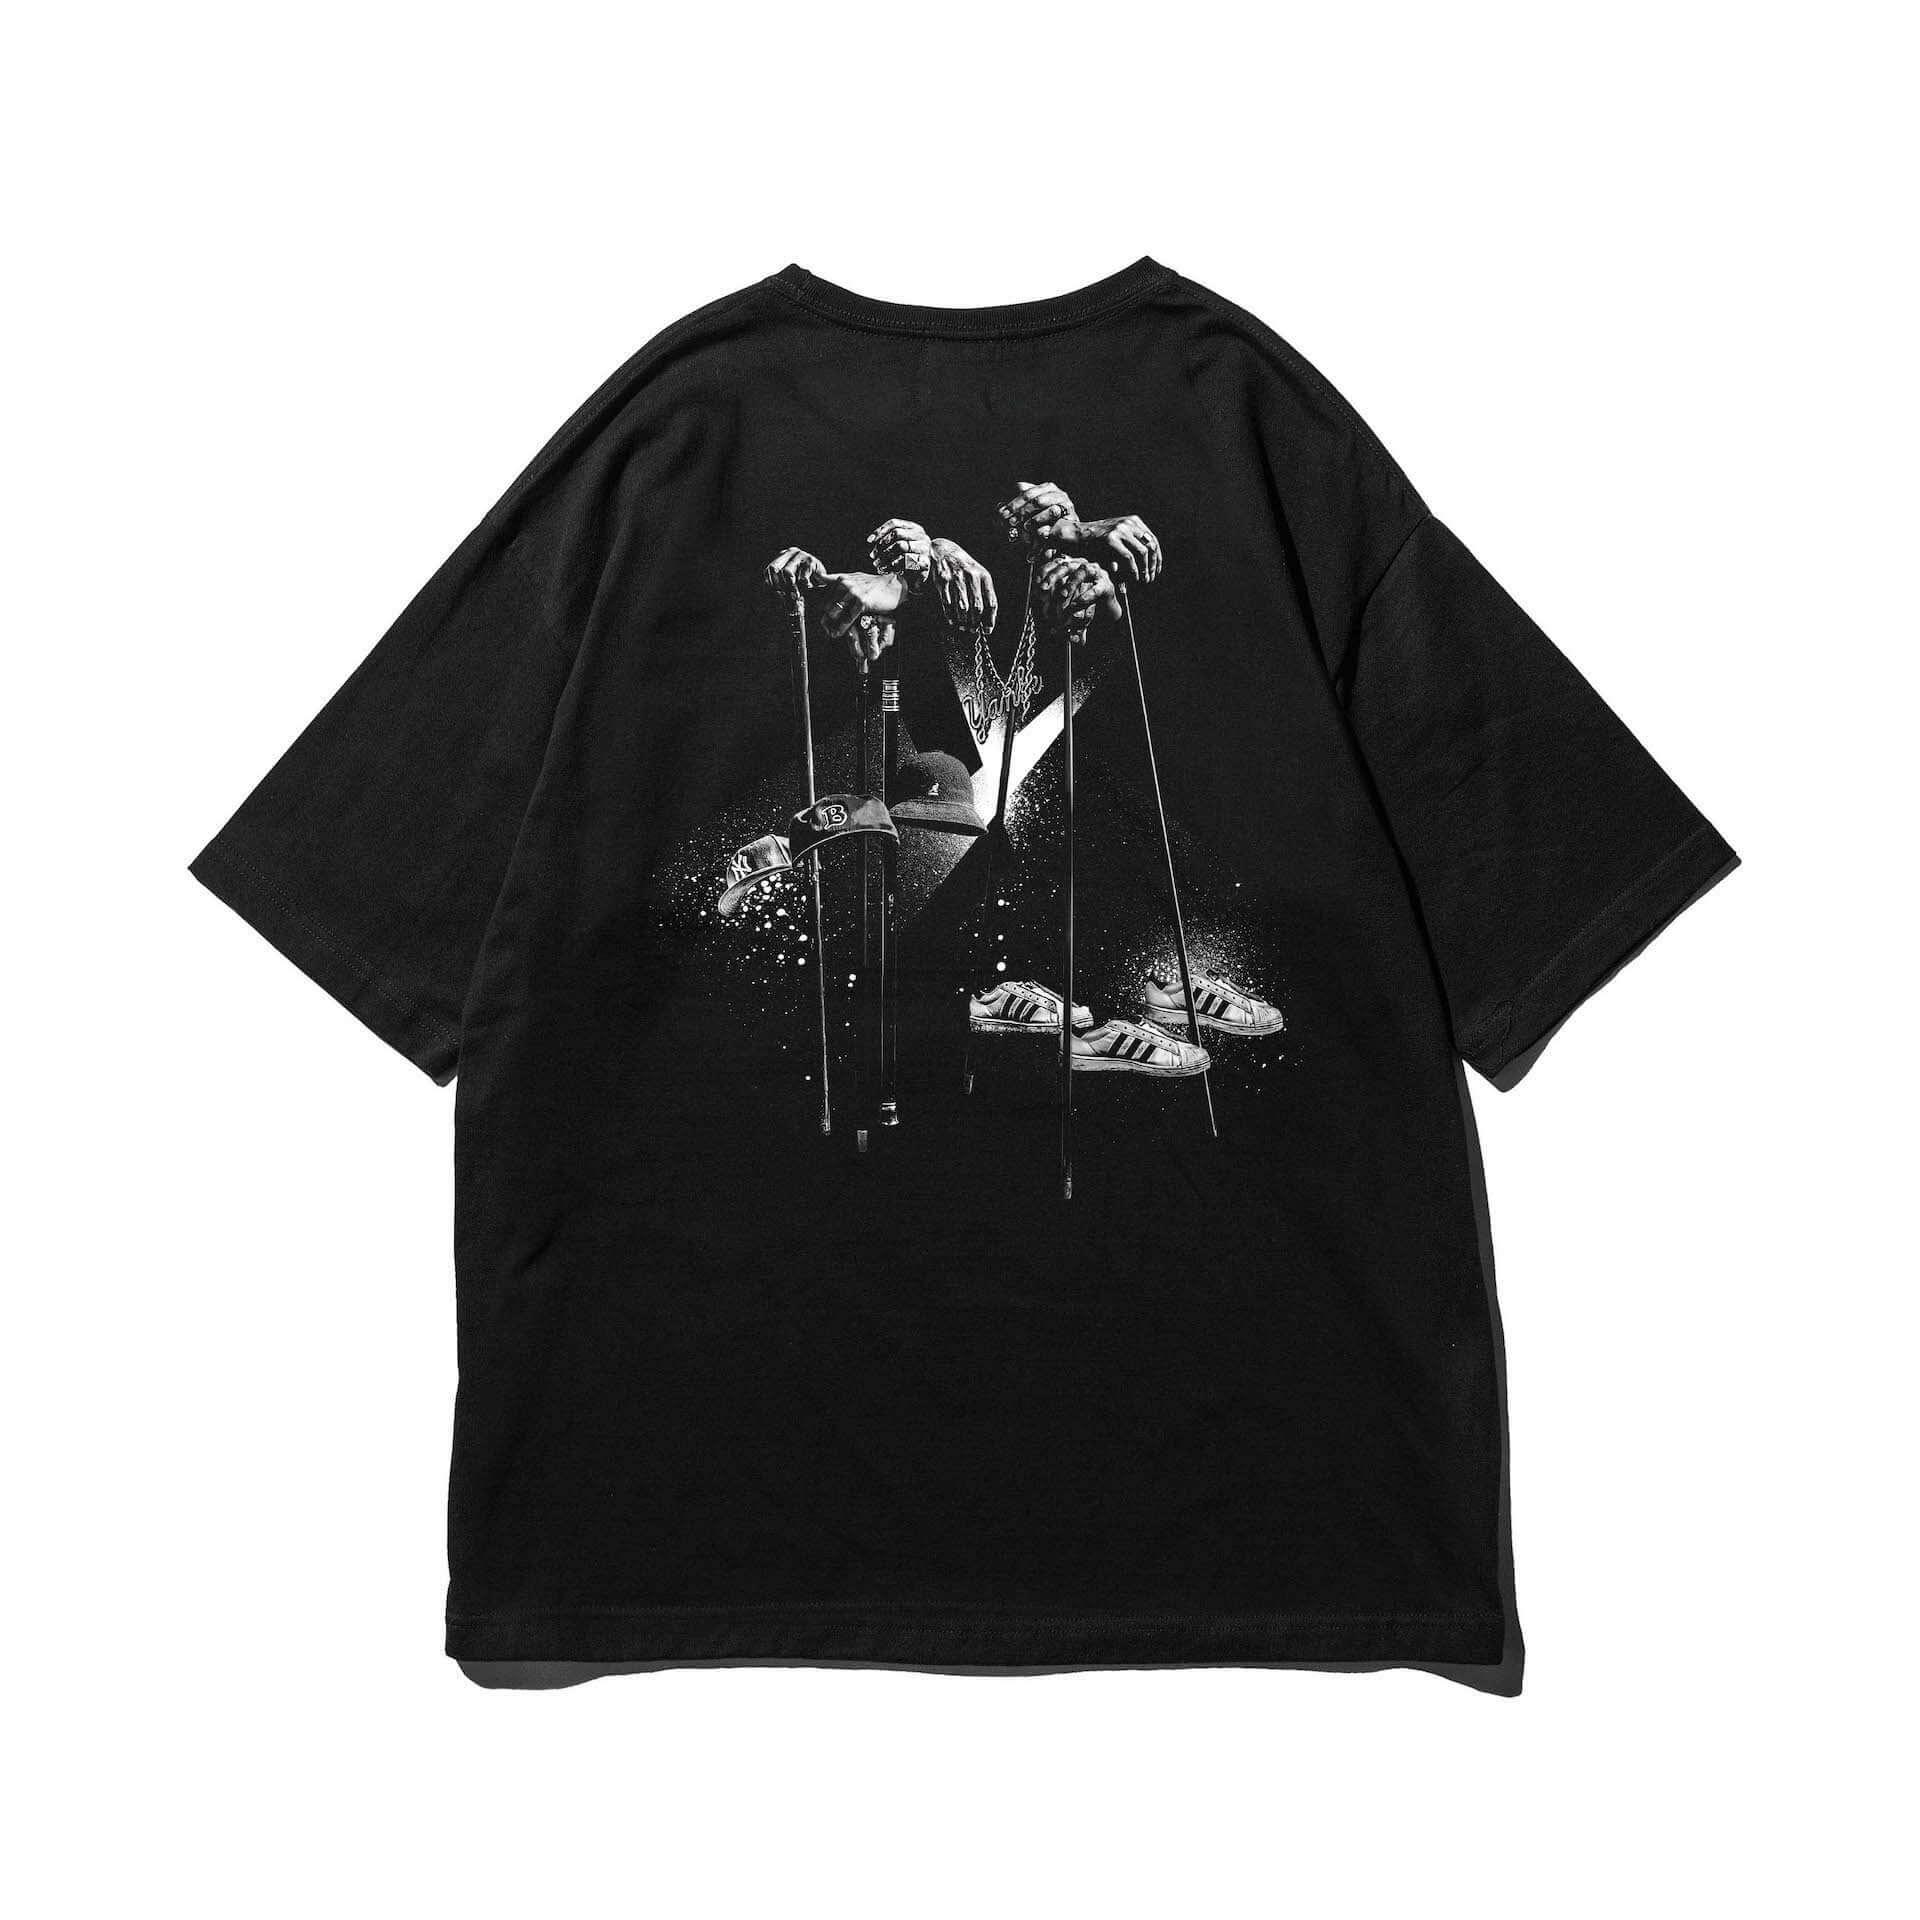 """スチャダラパーとライムスターによるコラボ曲""""Forever Young""""のTシャツがリリース!ビッグシルエットの白/黒ボディが登場 lf201224_sdp-rhymester_3-1920x1920"""